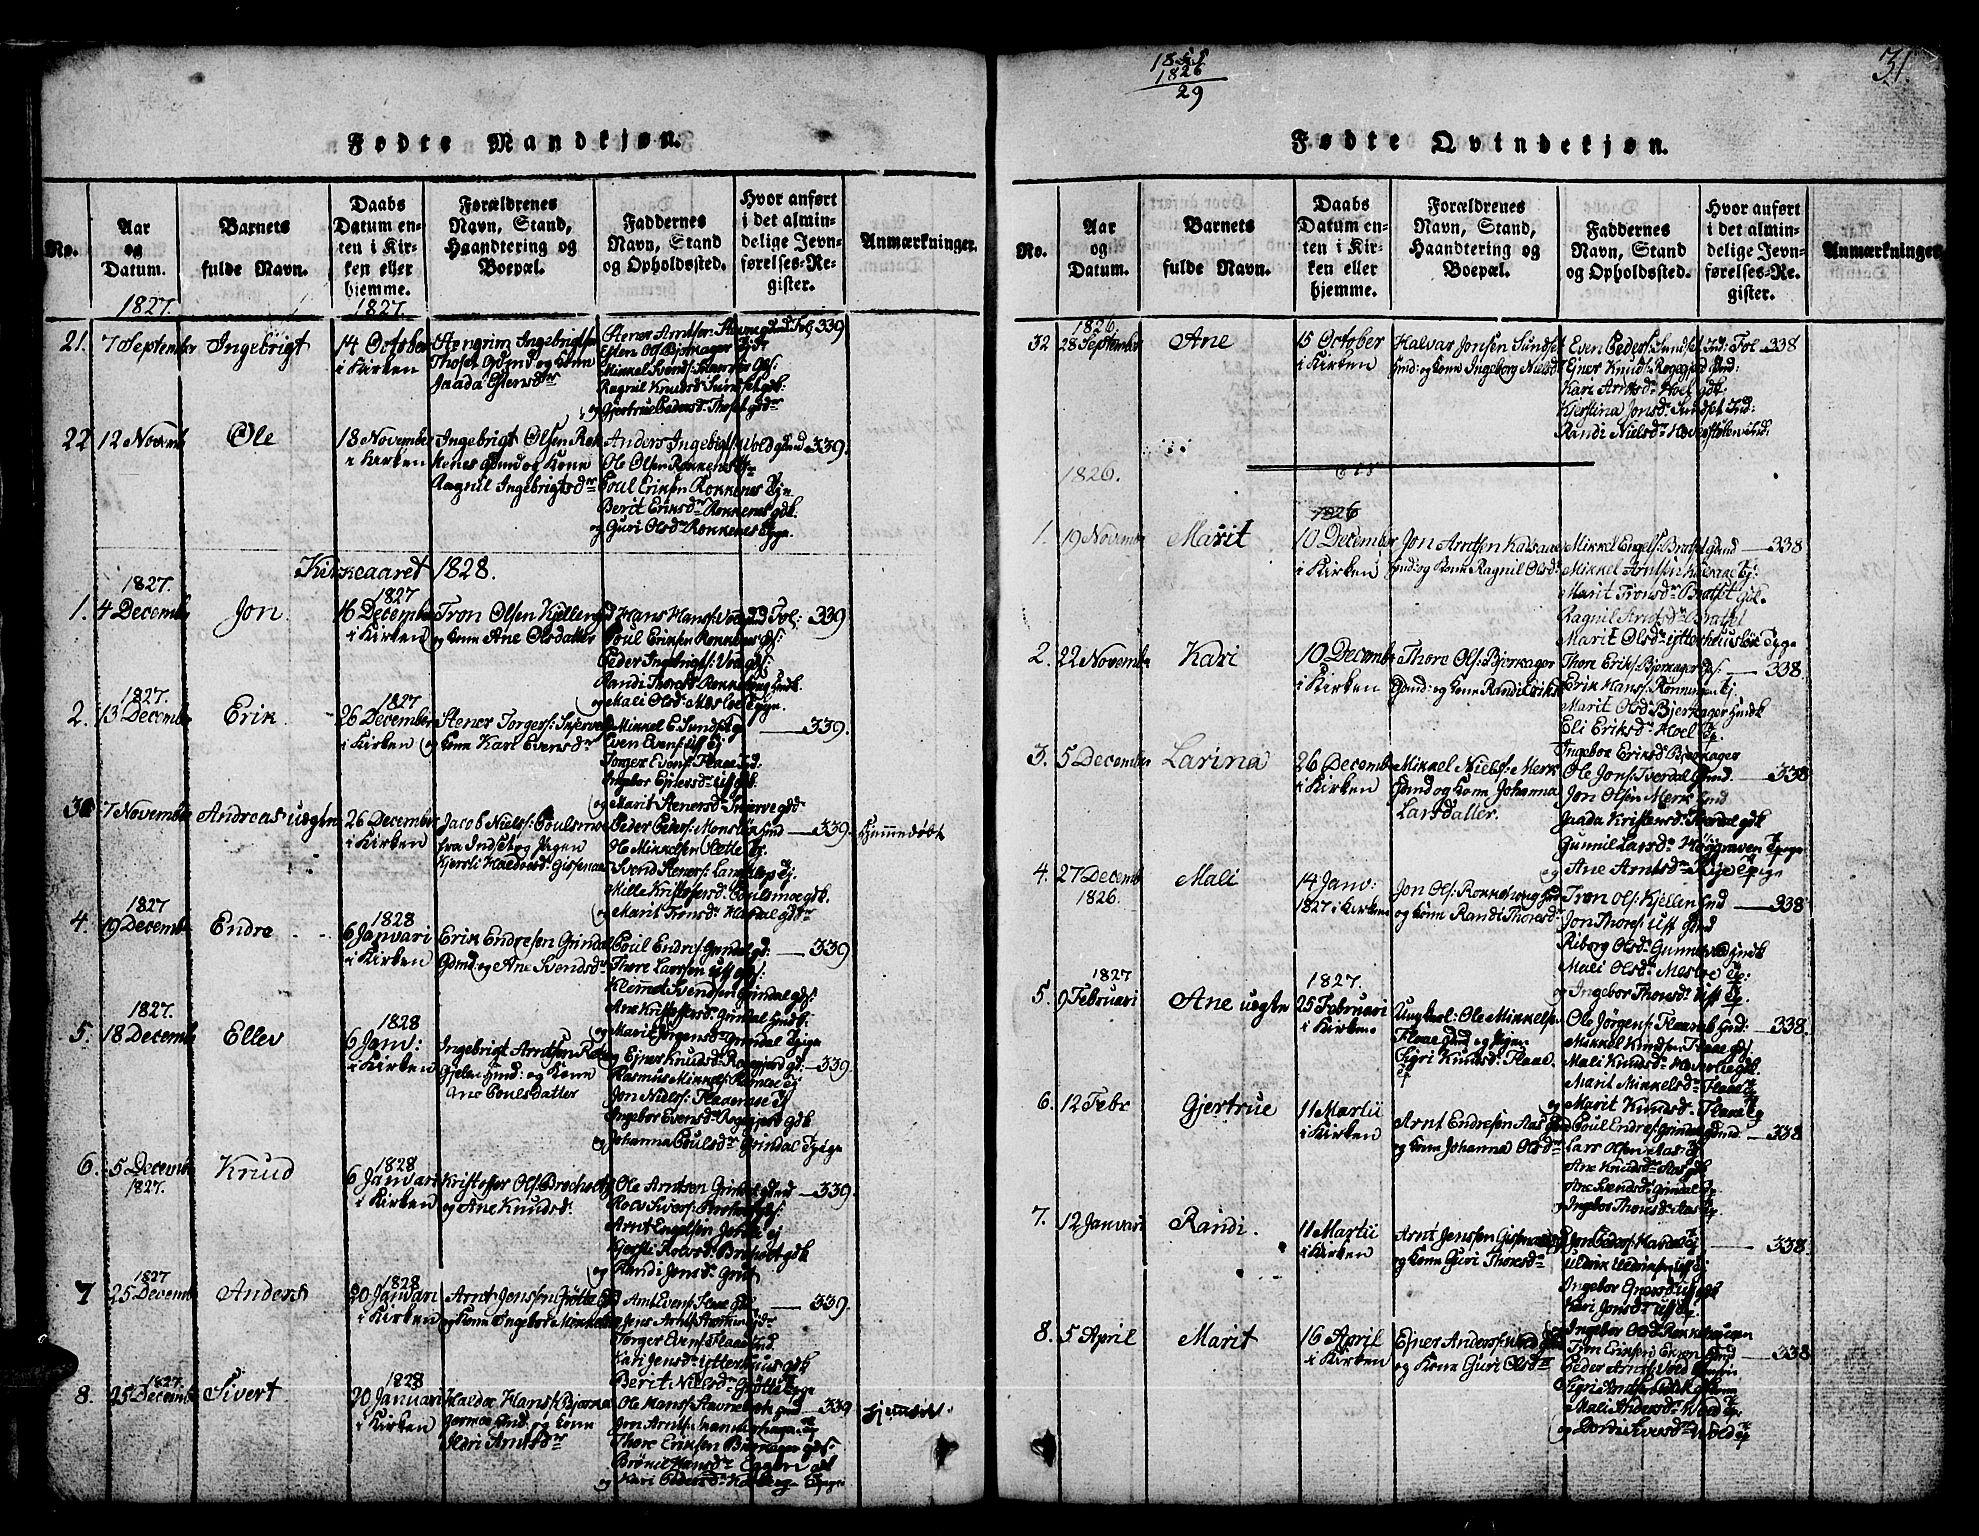 SAT, Ministerialprotokoller, klokkerbøker og fødselsregistre - Sør-Trøndelag, 674/L0874: Klokkerbok nr. 674C01, 1816-1860, s. 31